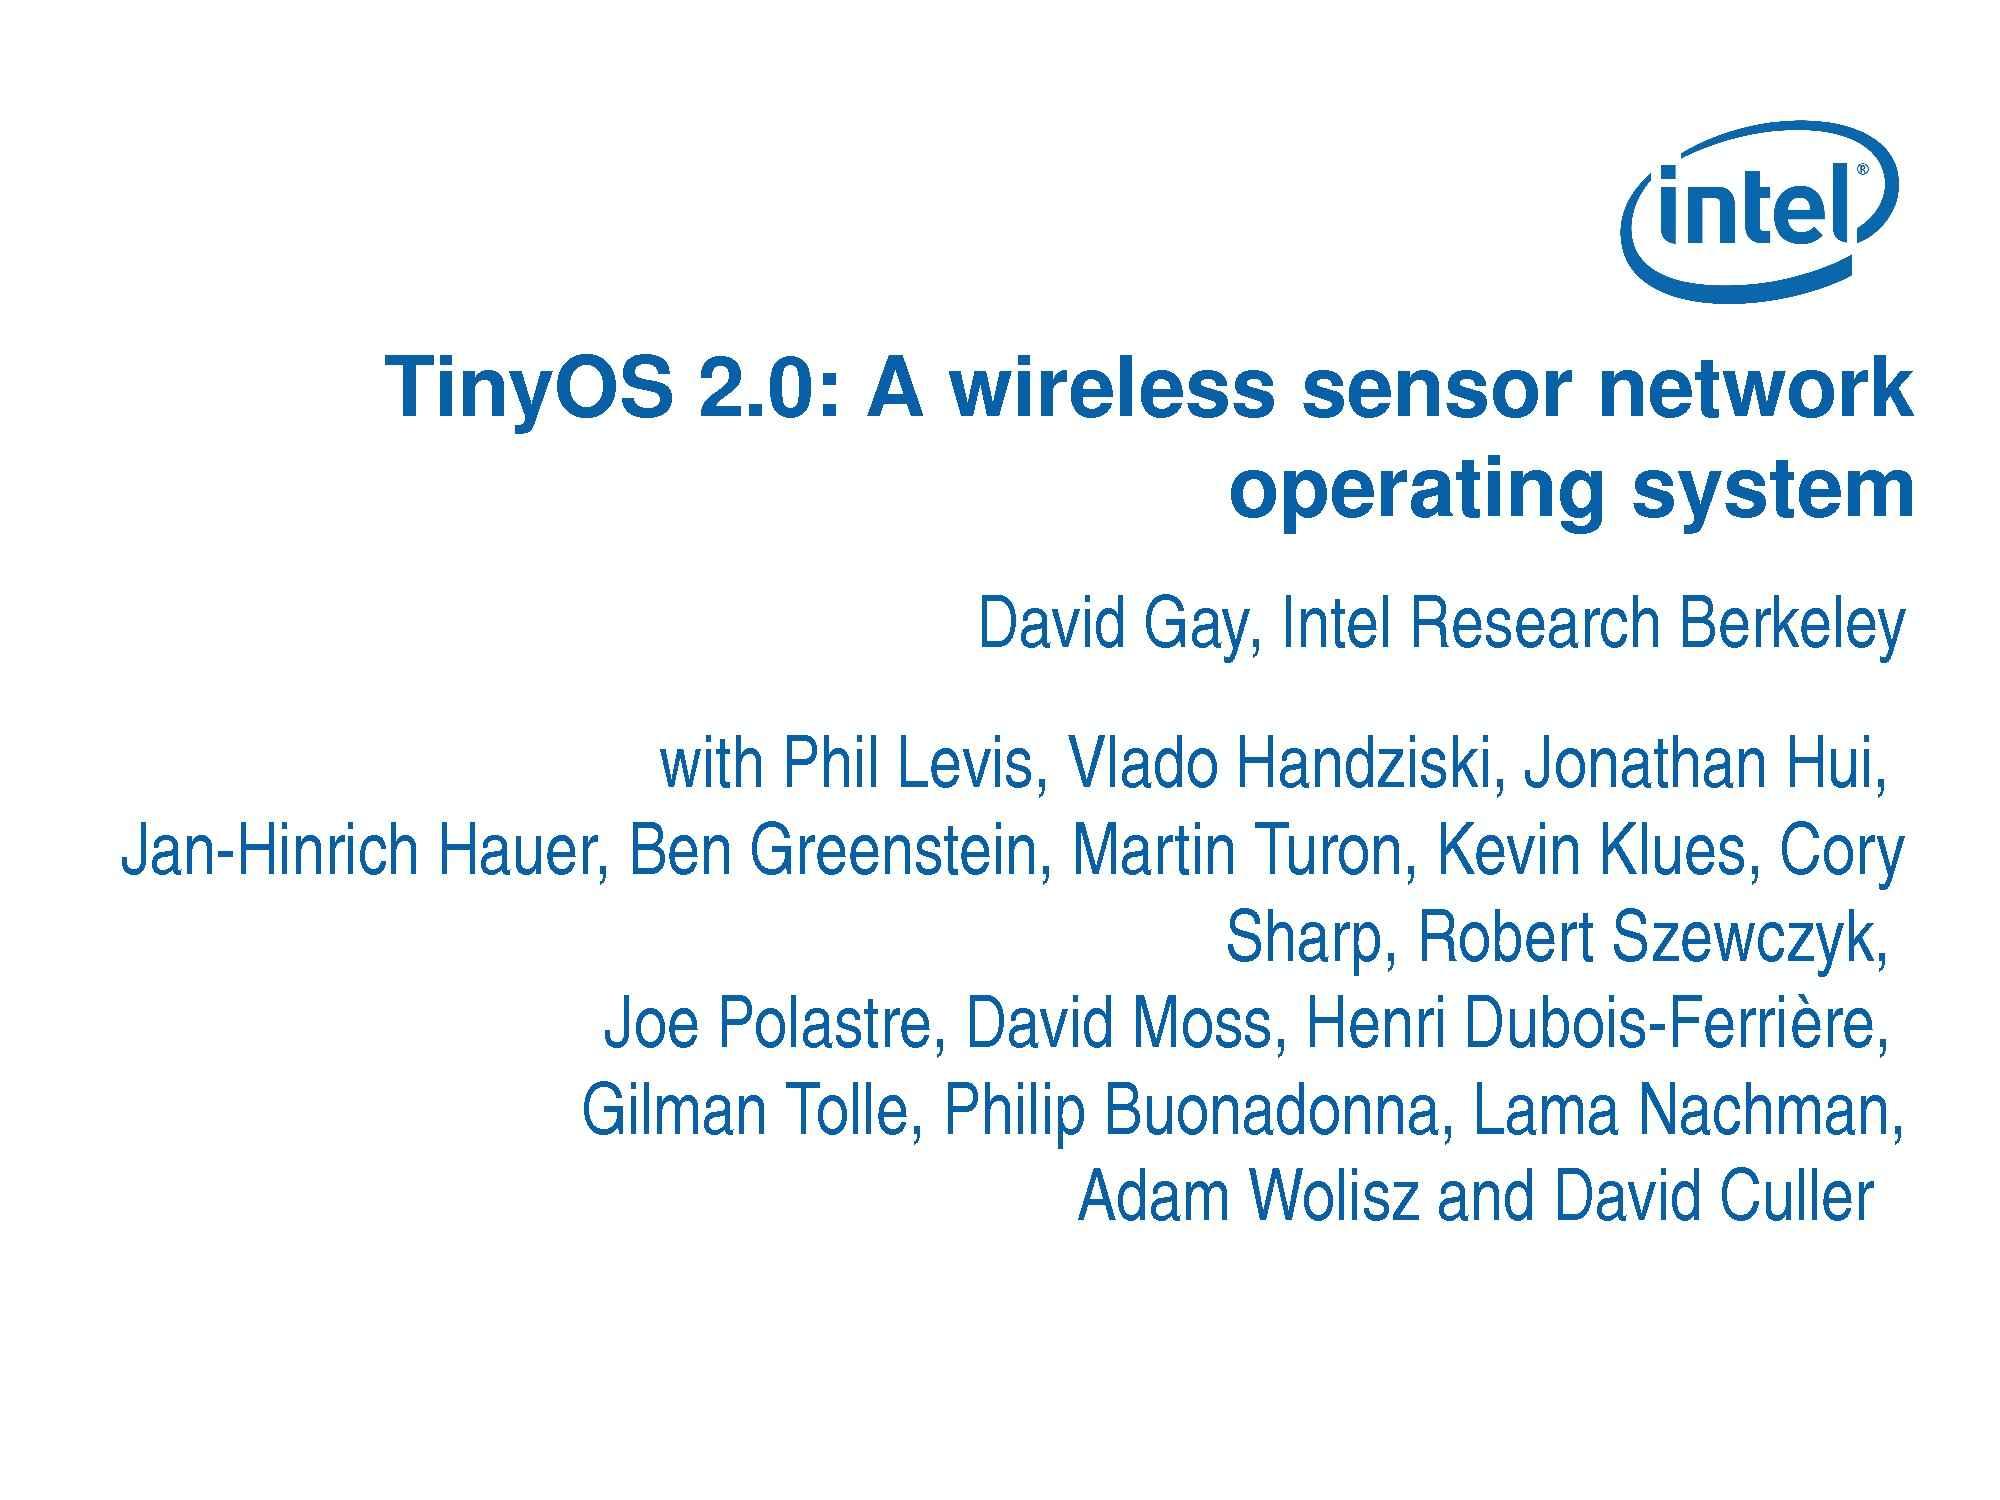 TinyOS 2.0